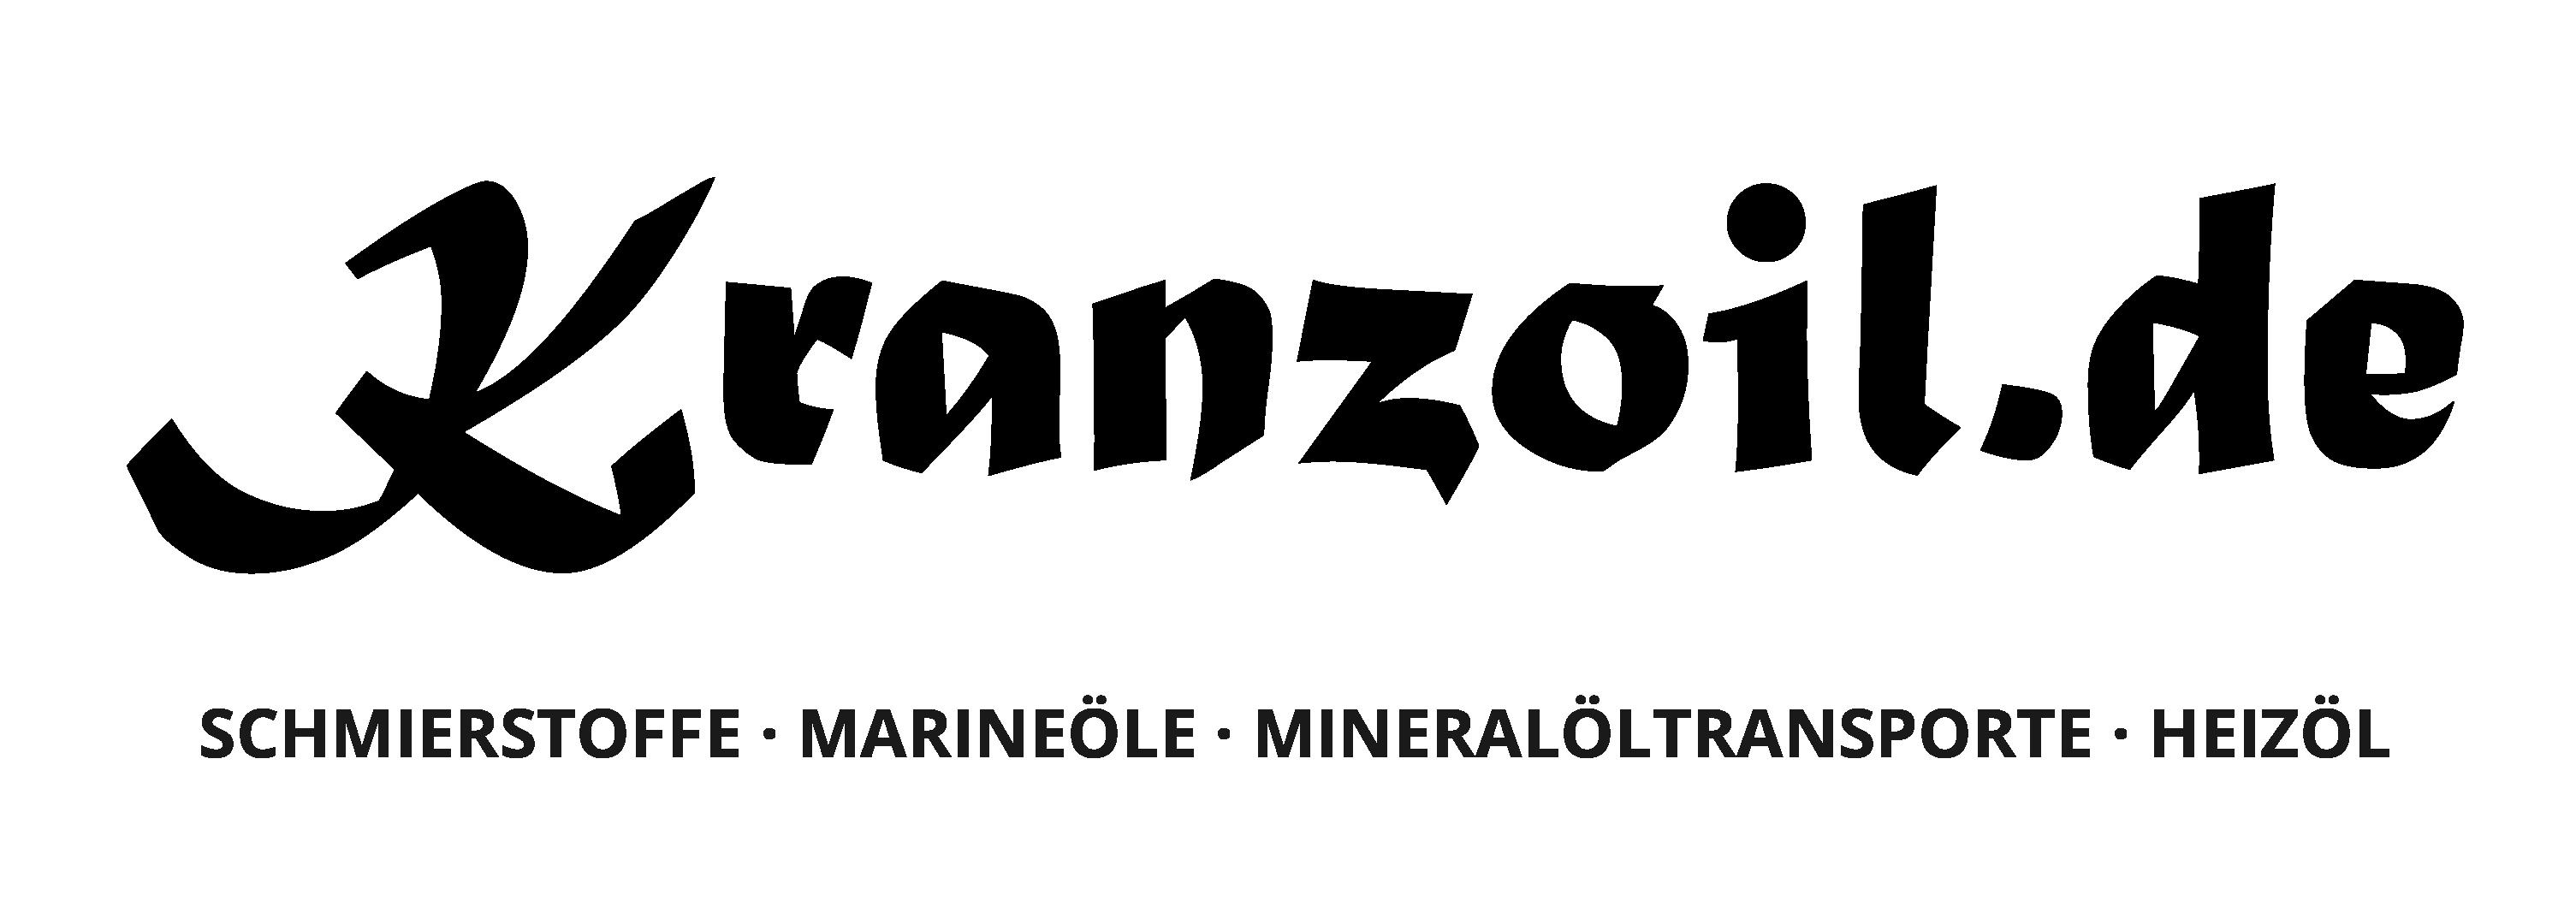 Öl- und Schmierstoffhandel Bielefeld, Kranzoil